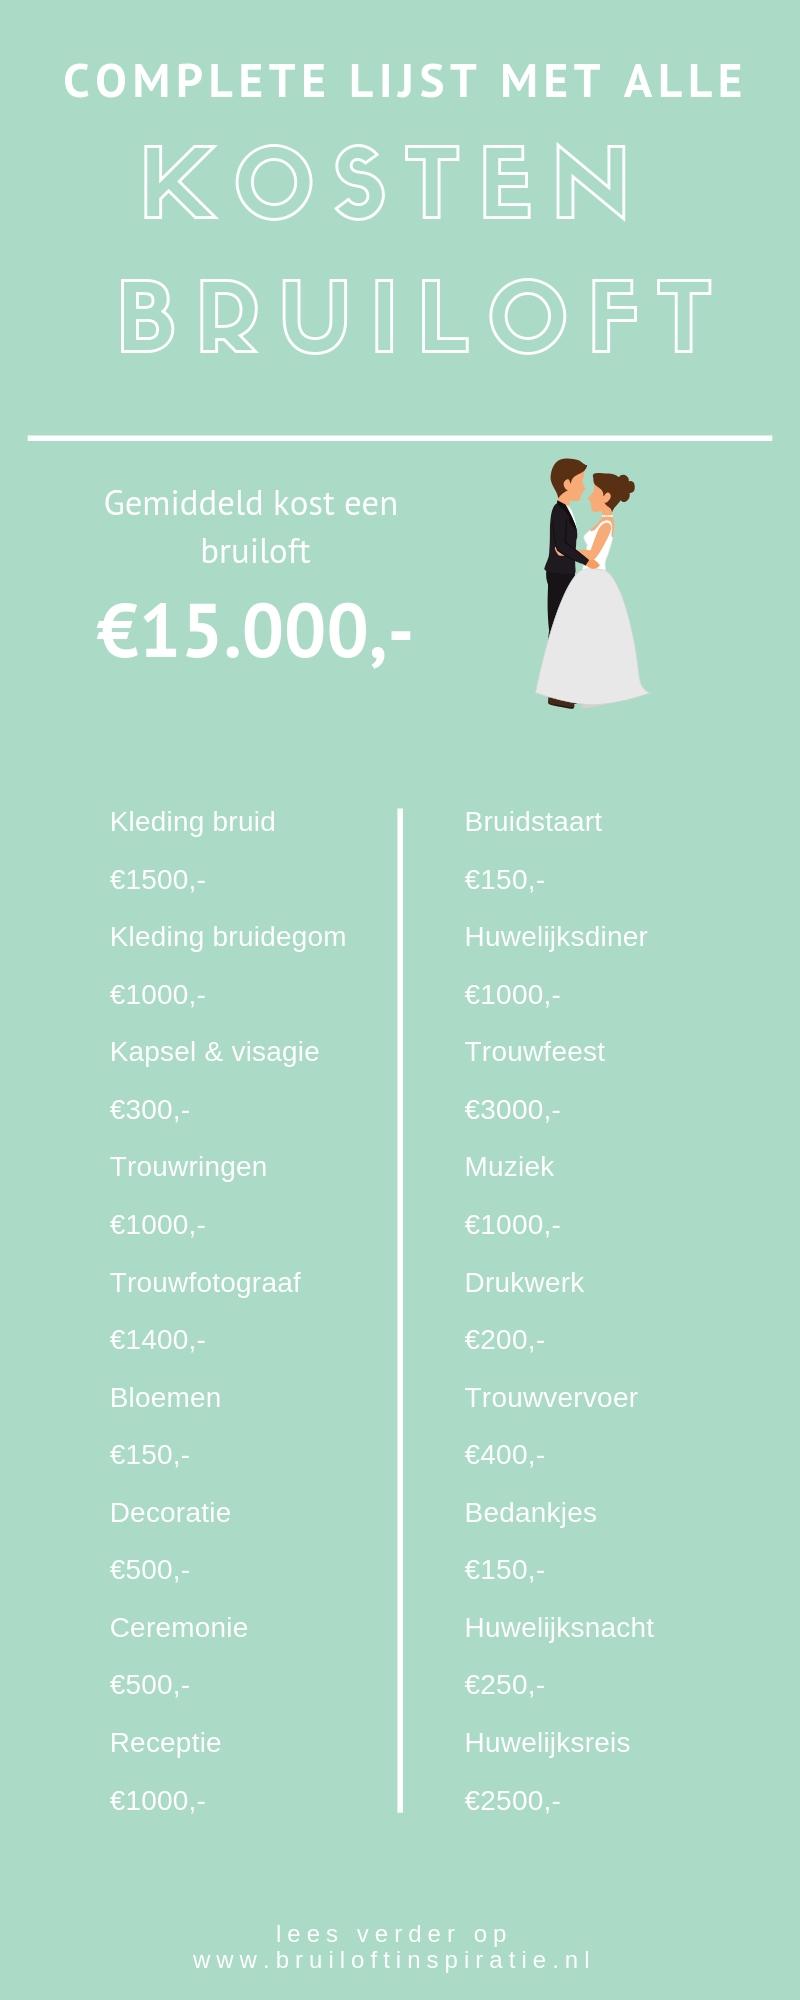 Lijst kosten bruiloft